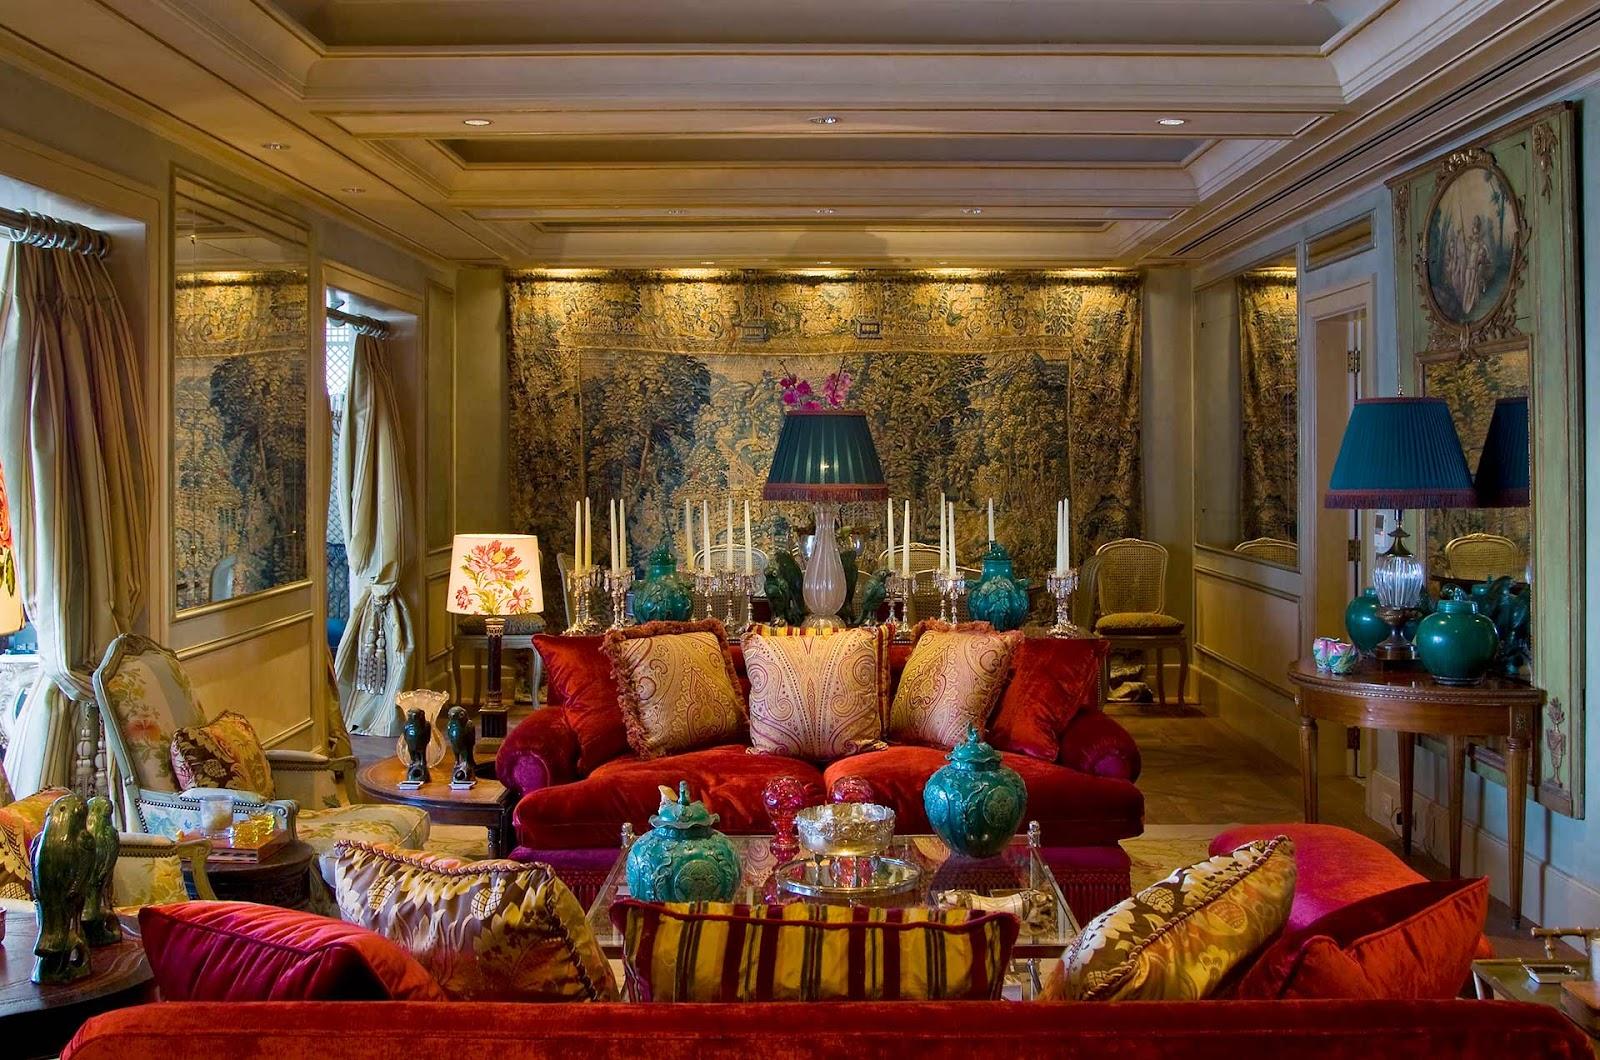 Sala com sofás vermelhos, almofadas coloridas, abajur azul, velas e papel de parede estampado.